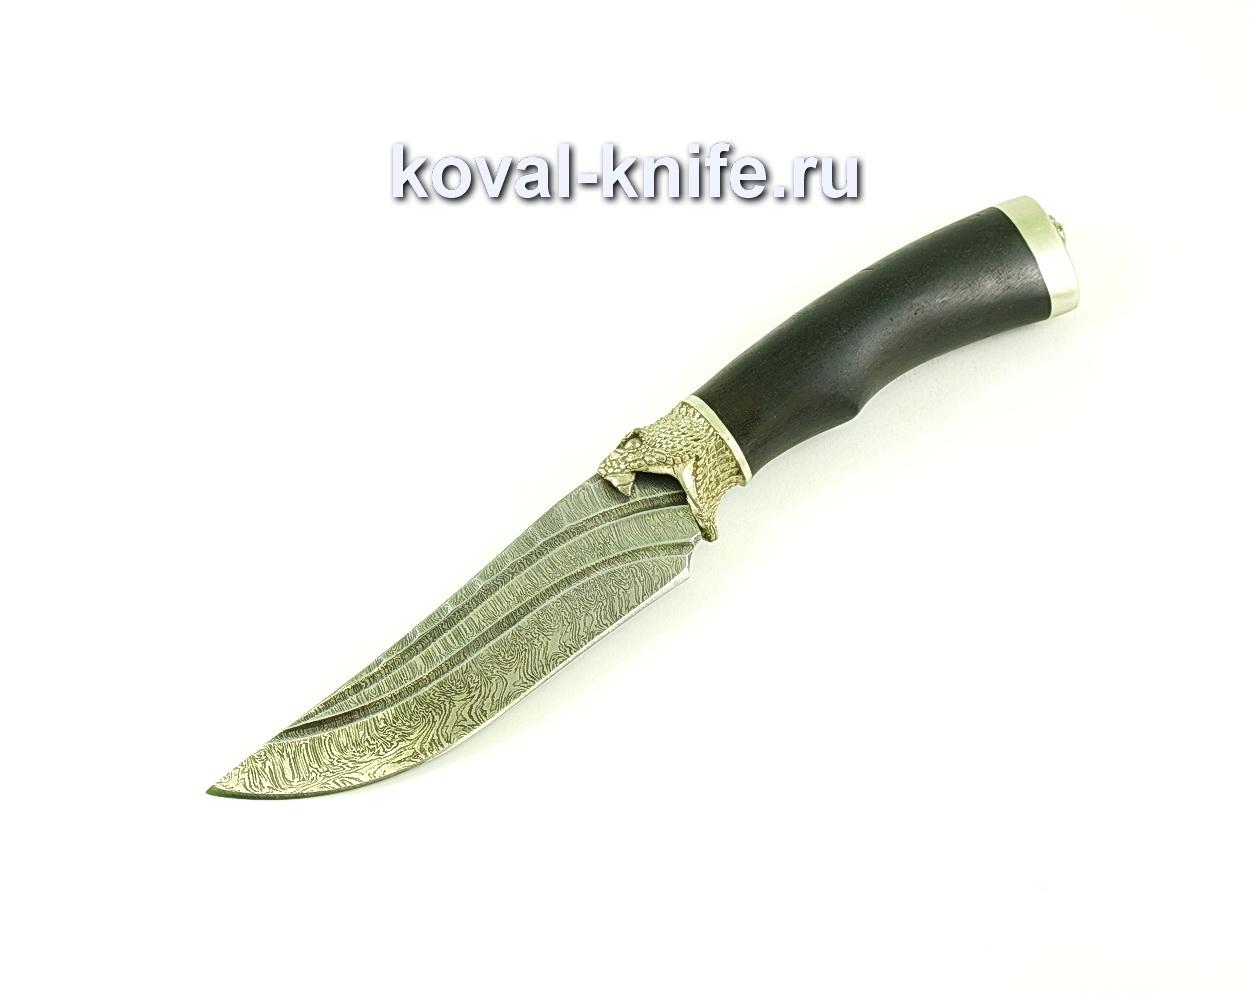 Нож клыч (сталь дамасская), рукоять граб, литье A140